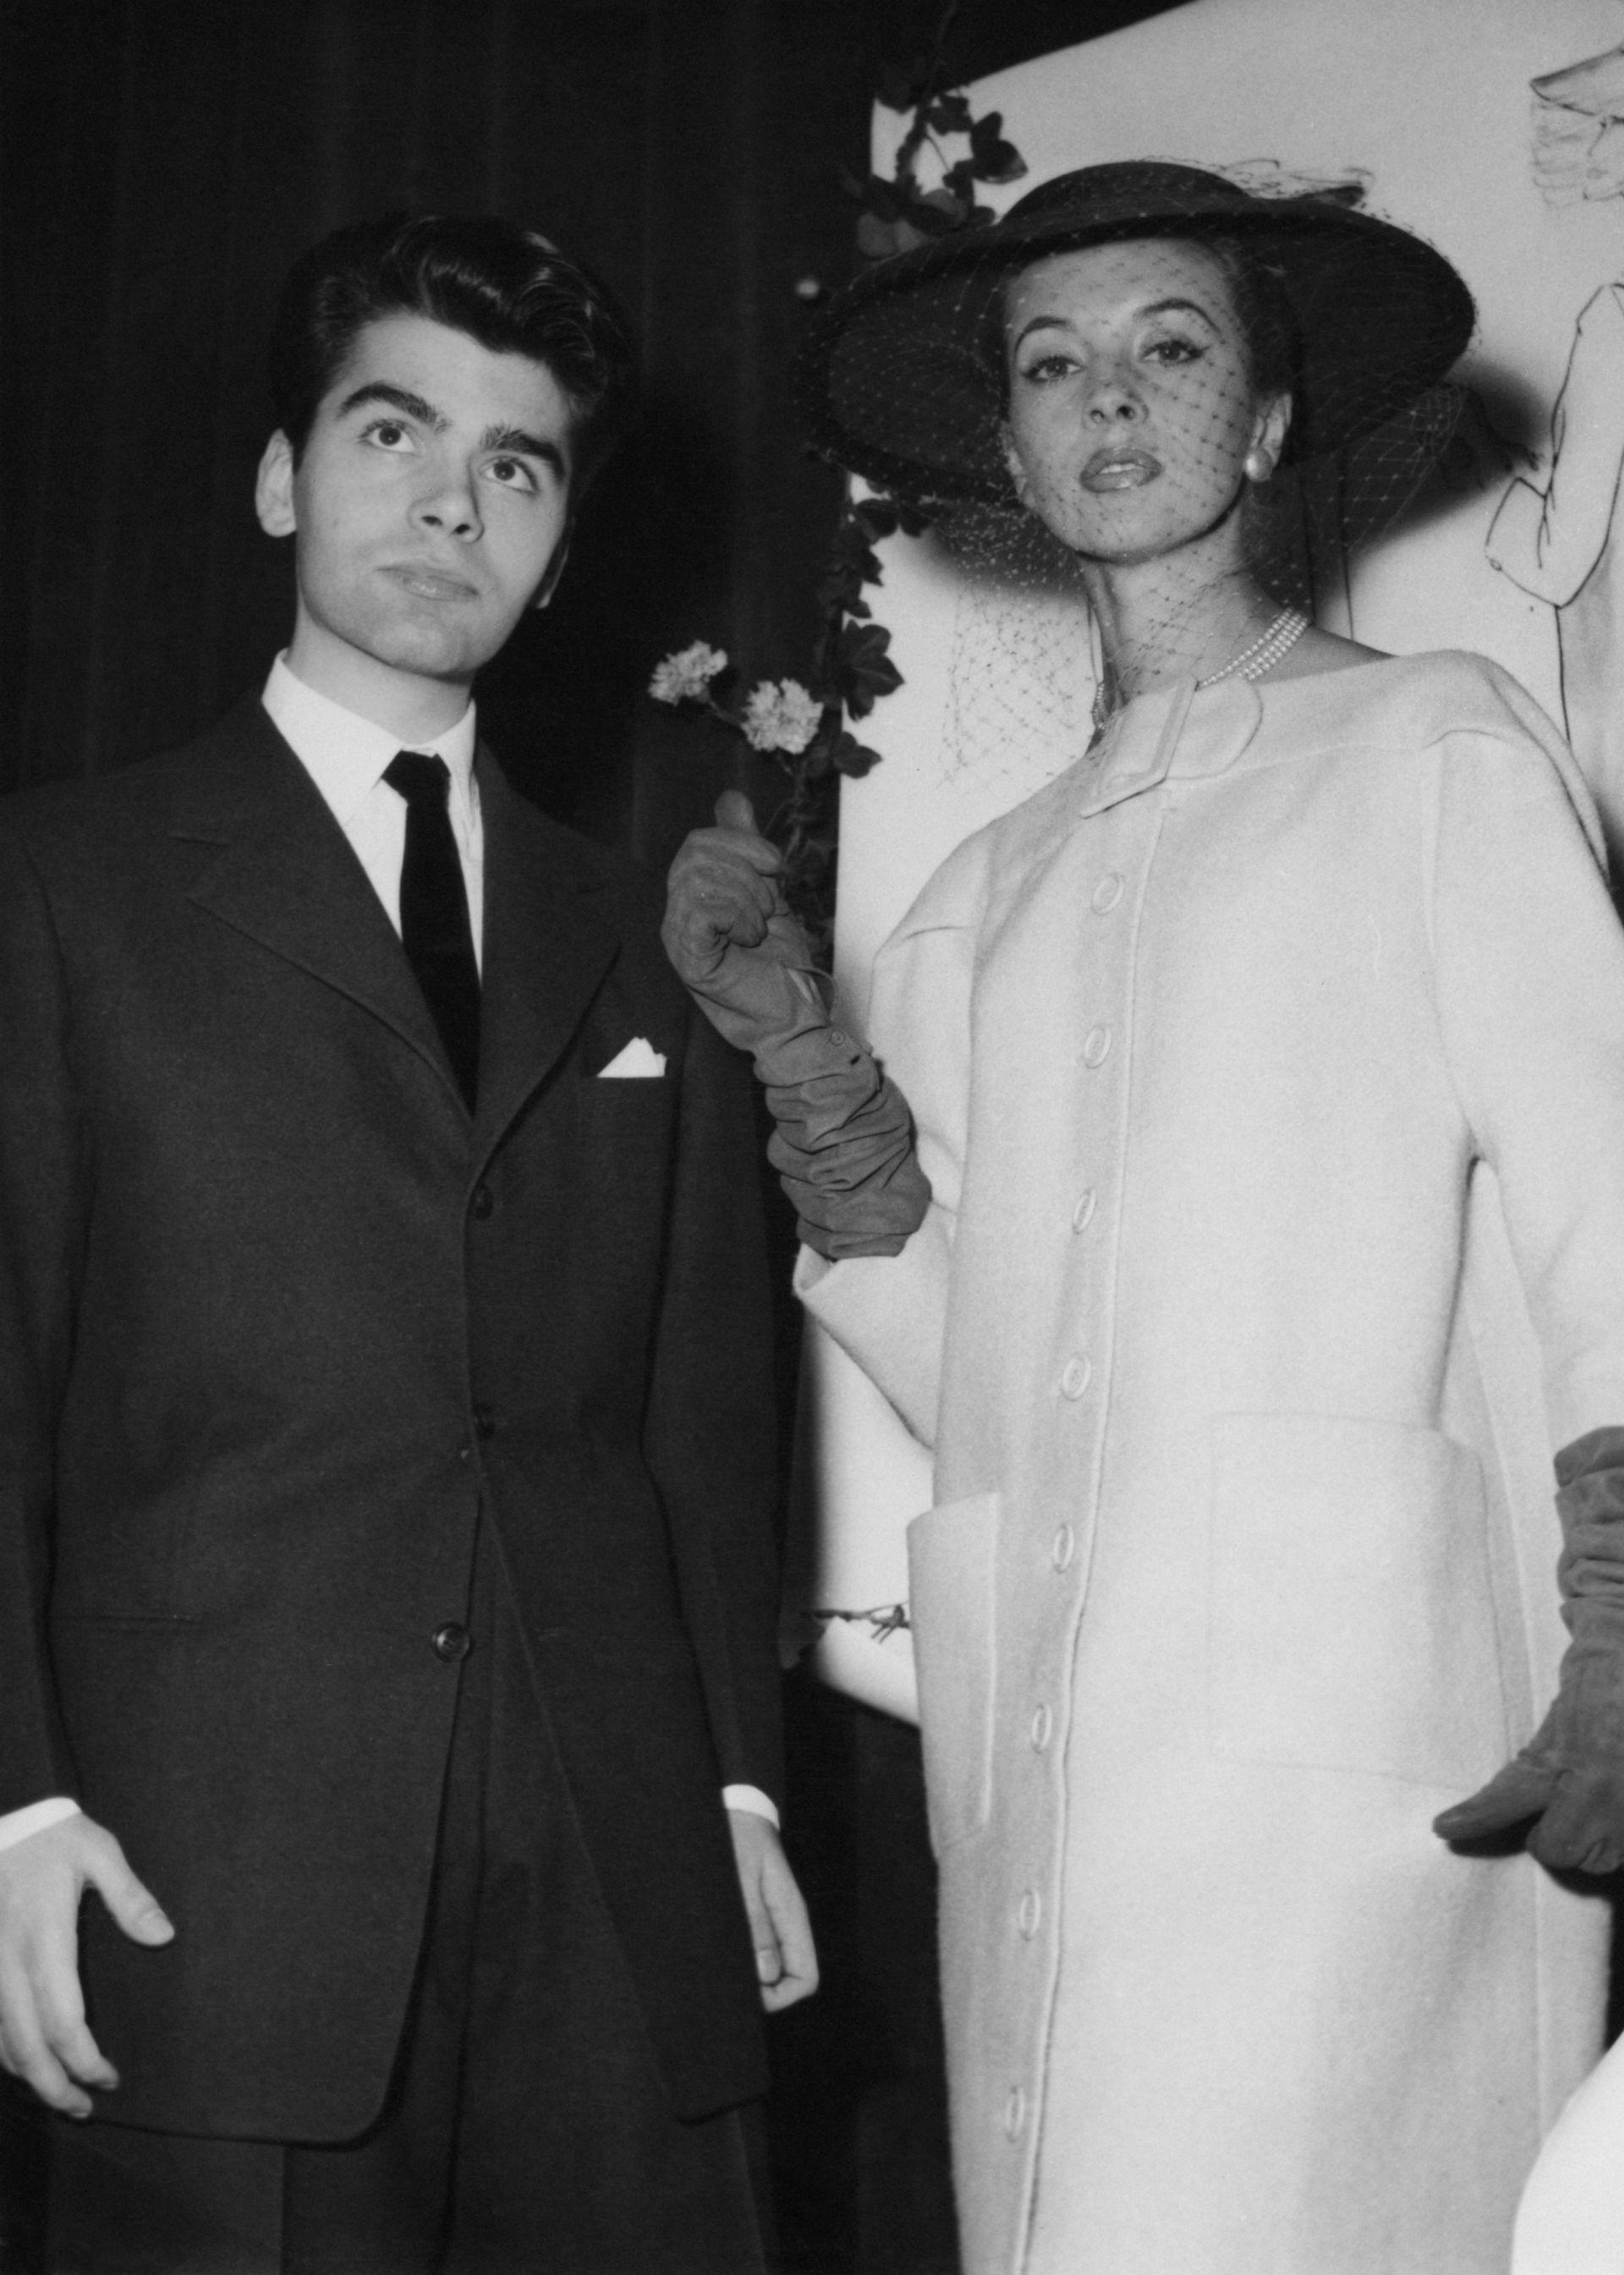 Германският дизайнер Карл Лагерфелд печели моден конкурс, Париж, декември 1954